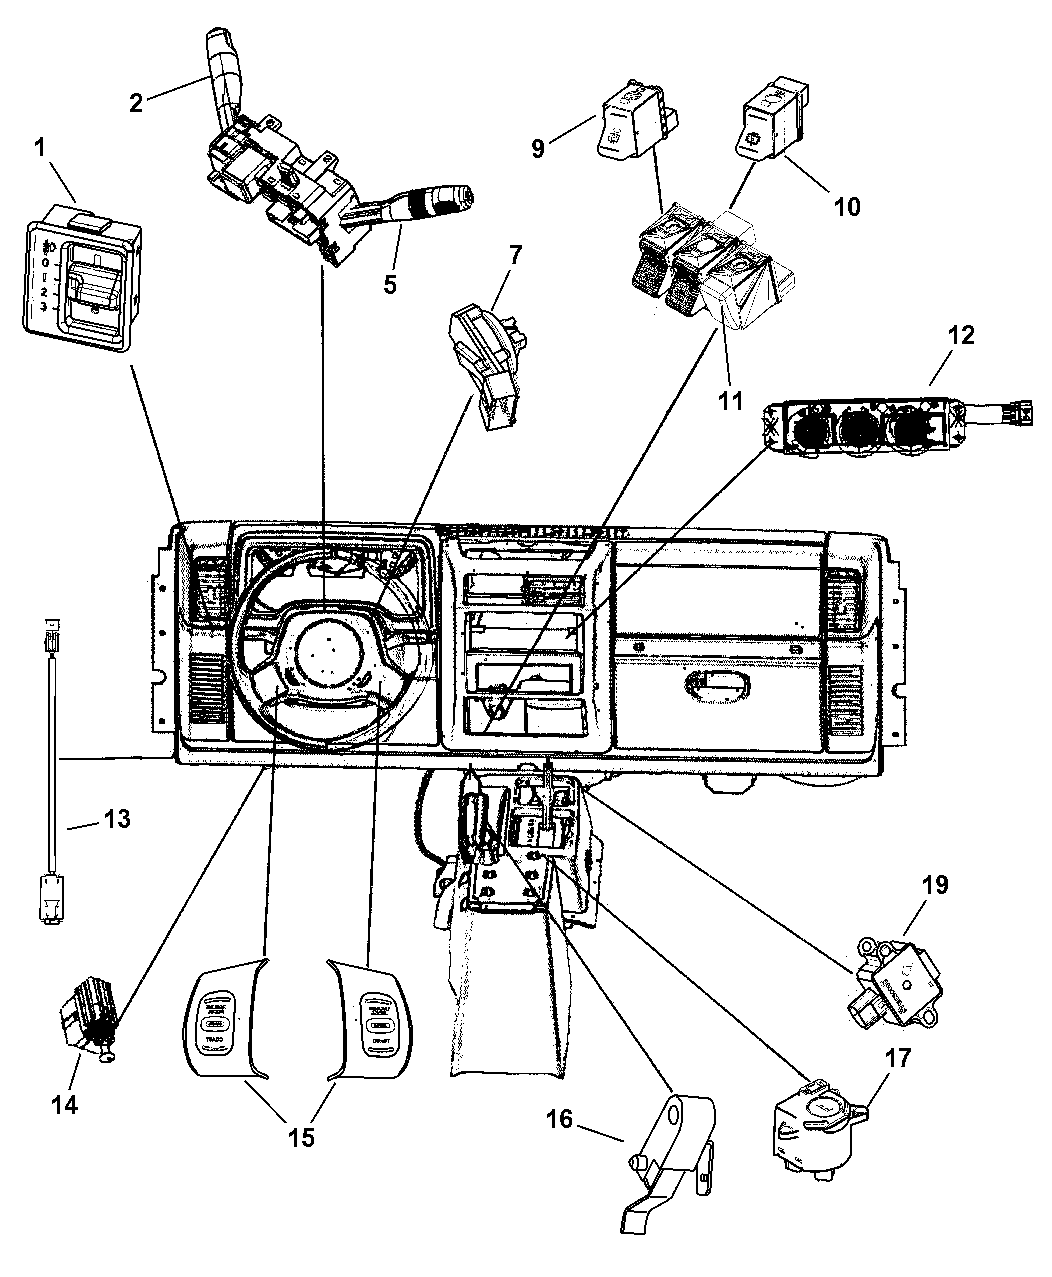 Jeep Wrangler Switches